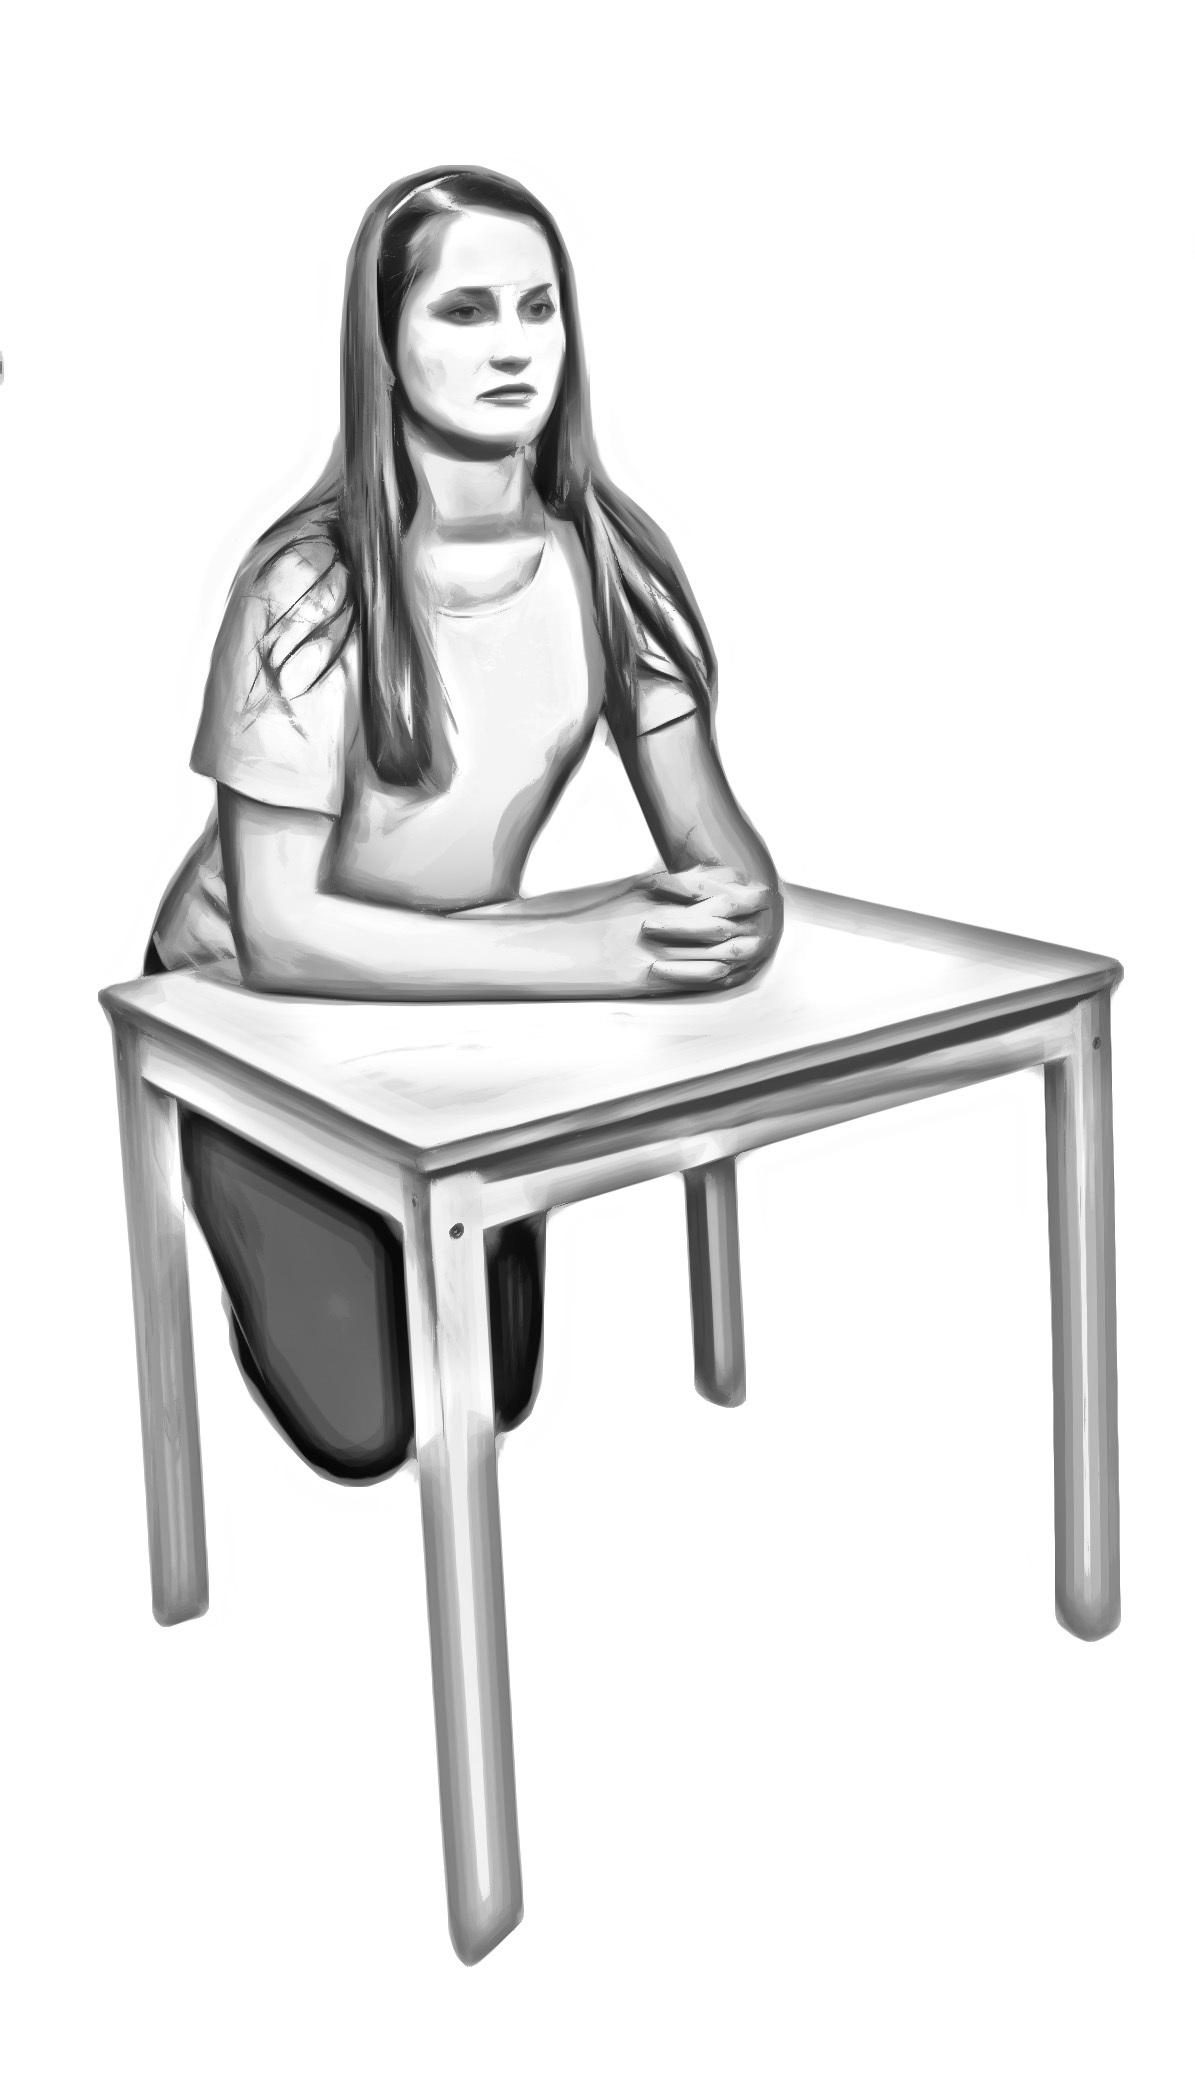 Боли в руках при работе за компьютером. Часть 5. Синдром запястного канала - 3